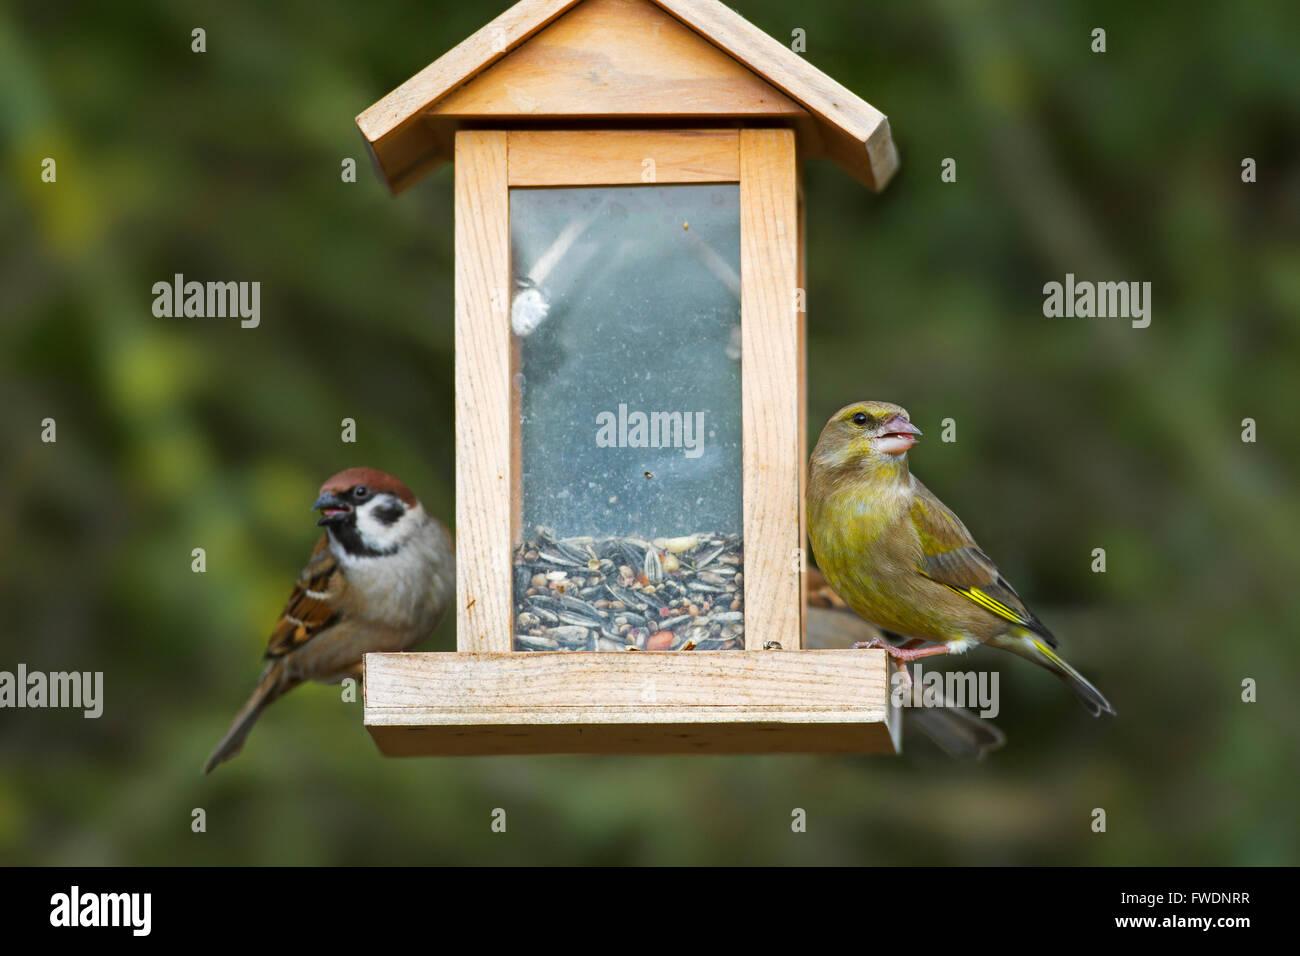 Europäischen Grünfink (Chloris Chloris / Zuchtjahr Chloris) und Baum Spatzen (Passer Montanus) Fütterung im Garten Stockfoto